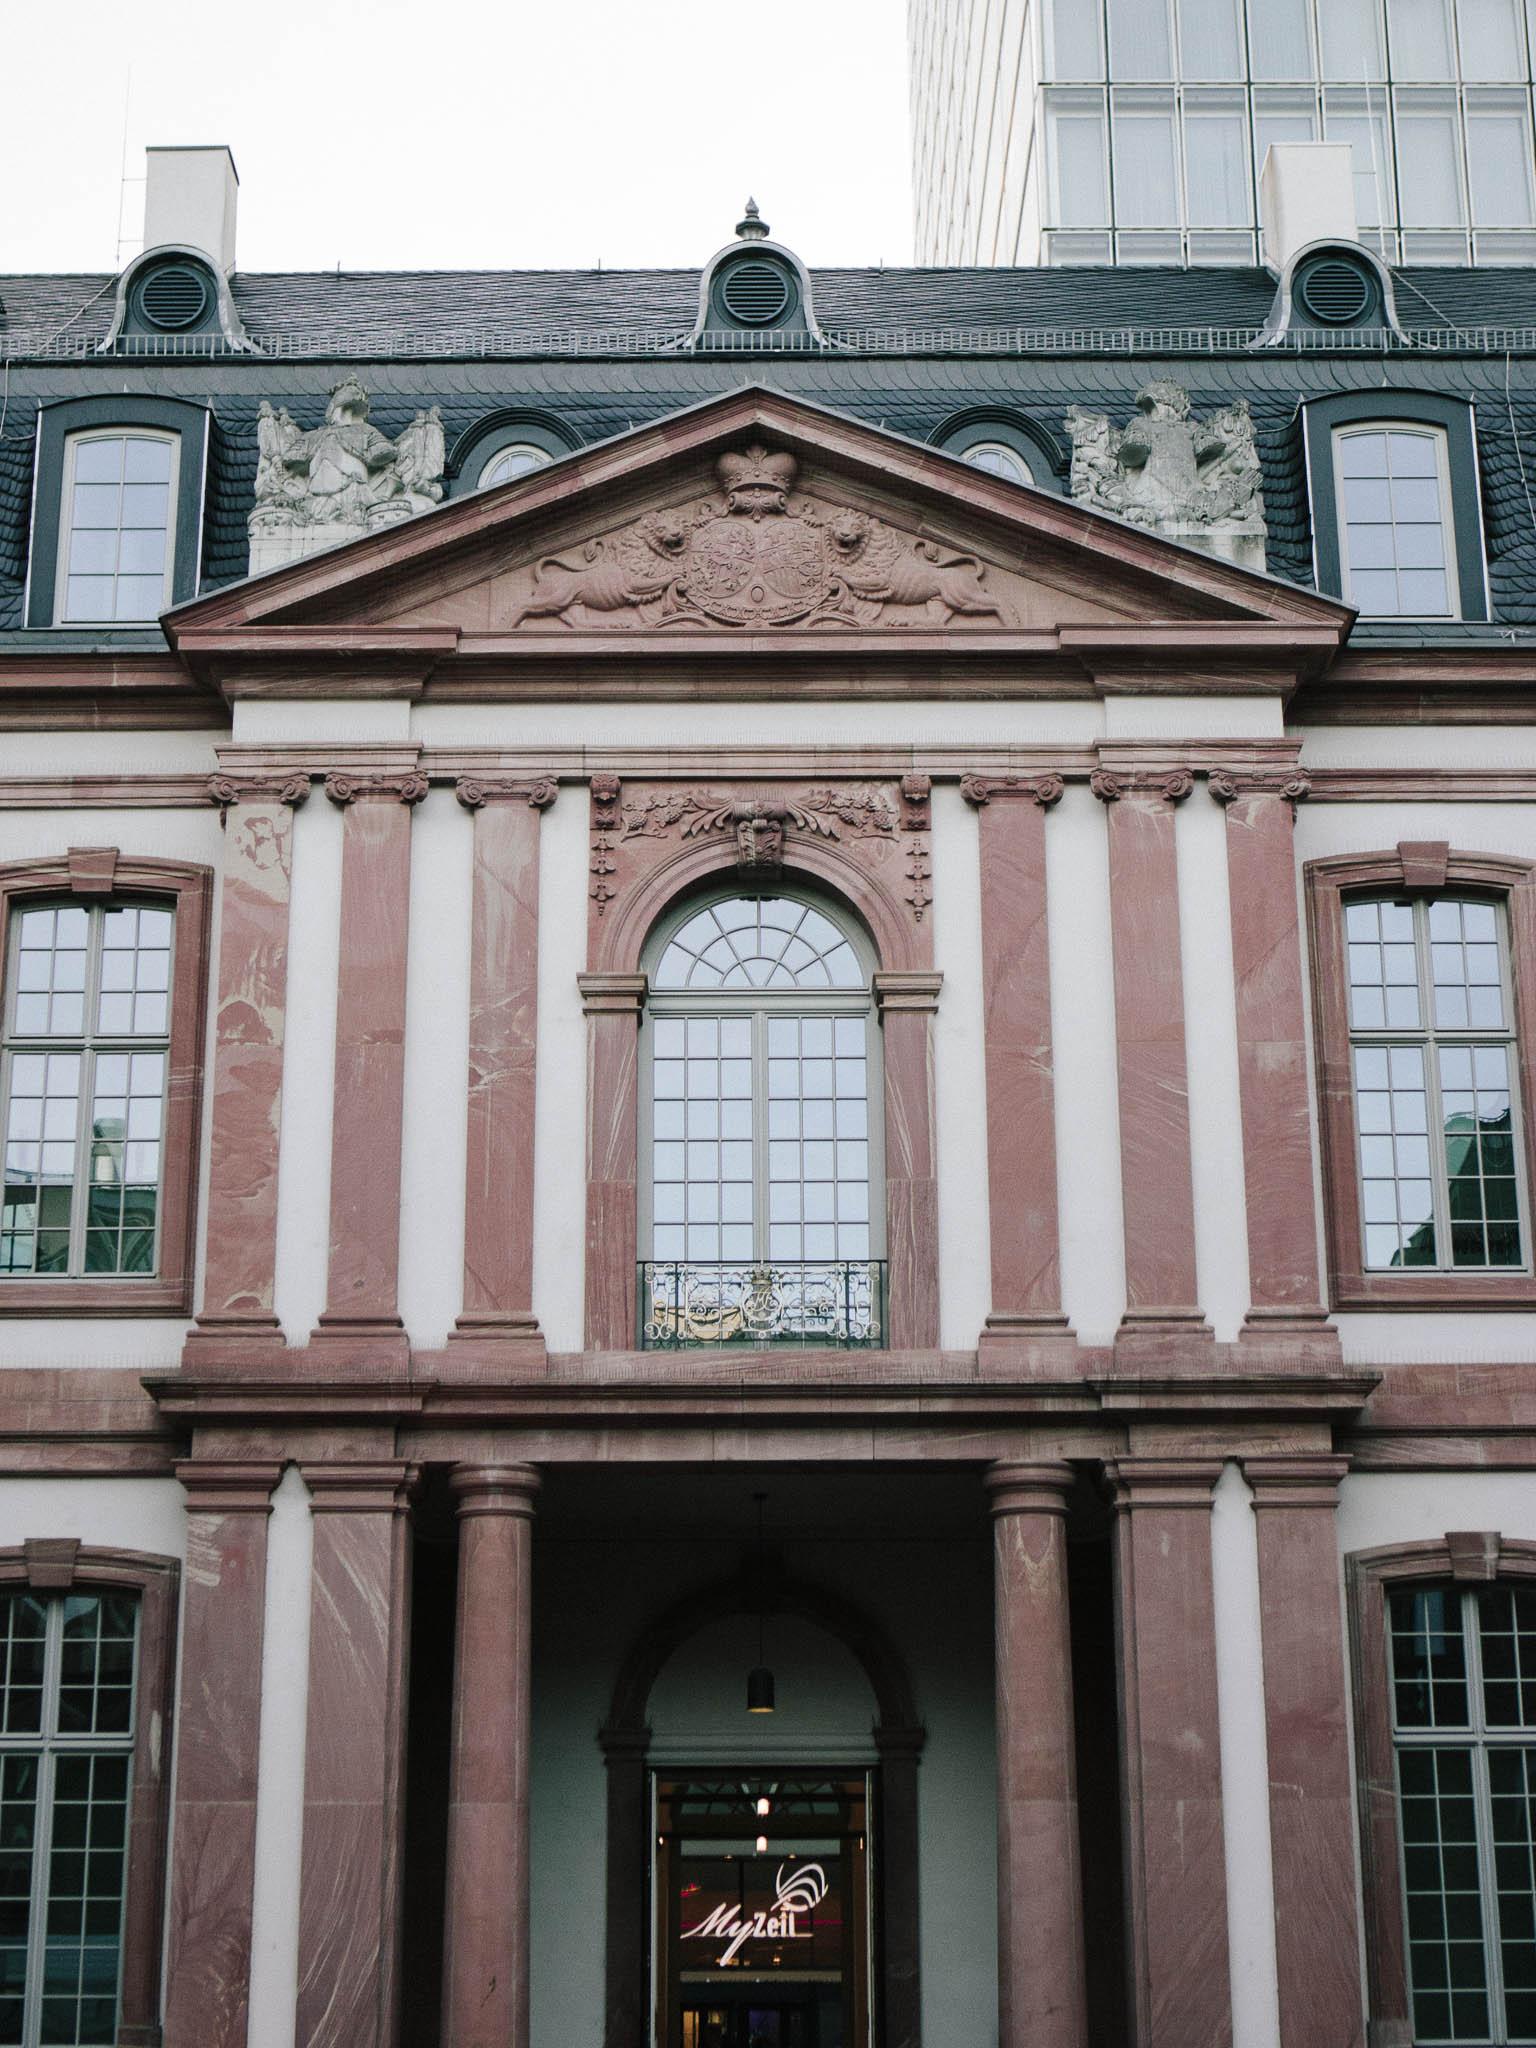 frankfurt-things-to-do-travel-romer-goethe-house-stadel-lara-lam1.jpg